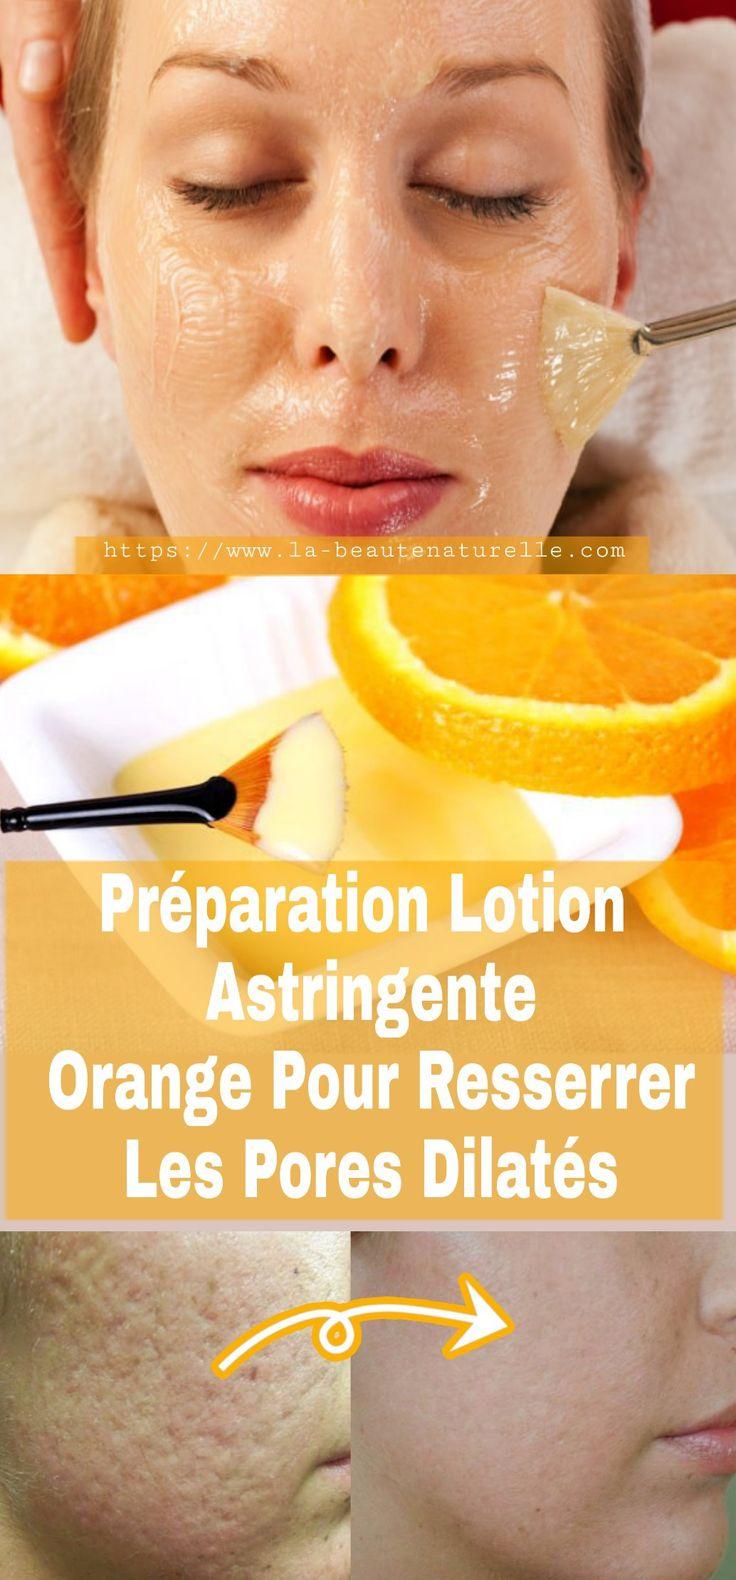 Préparation lotion astringente orange pour resserrer les pores dilatés